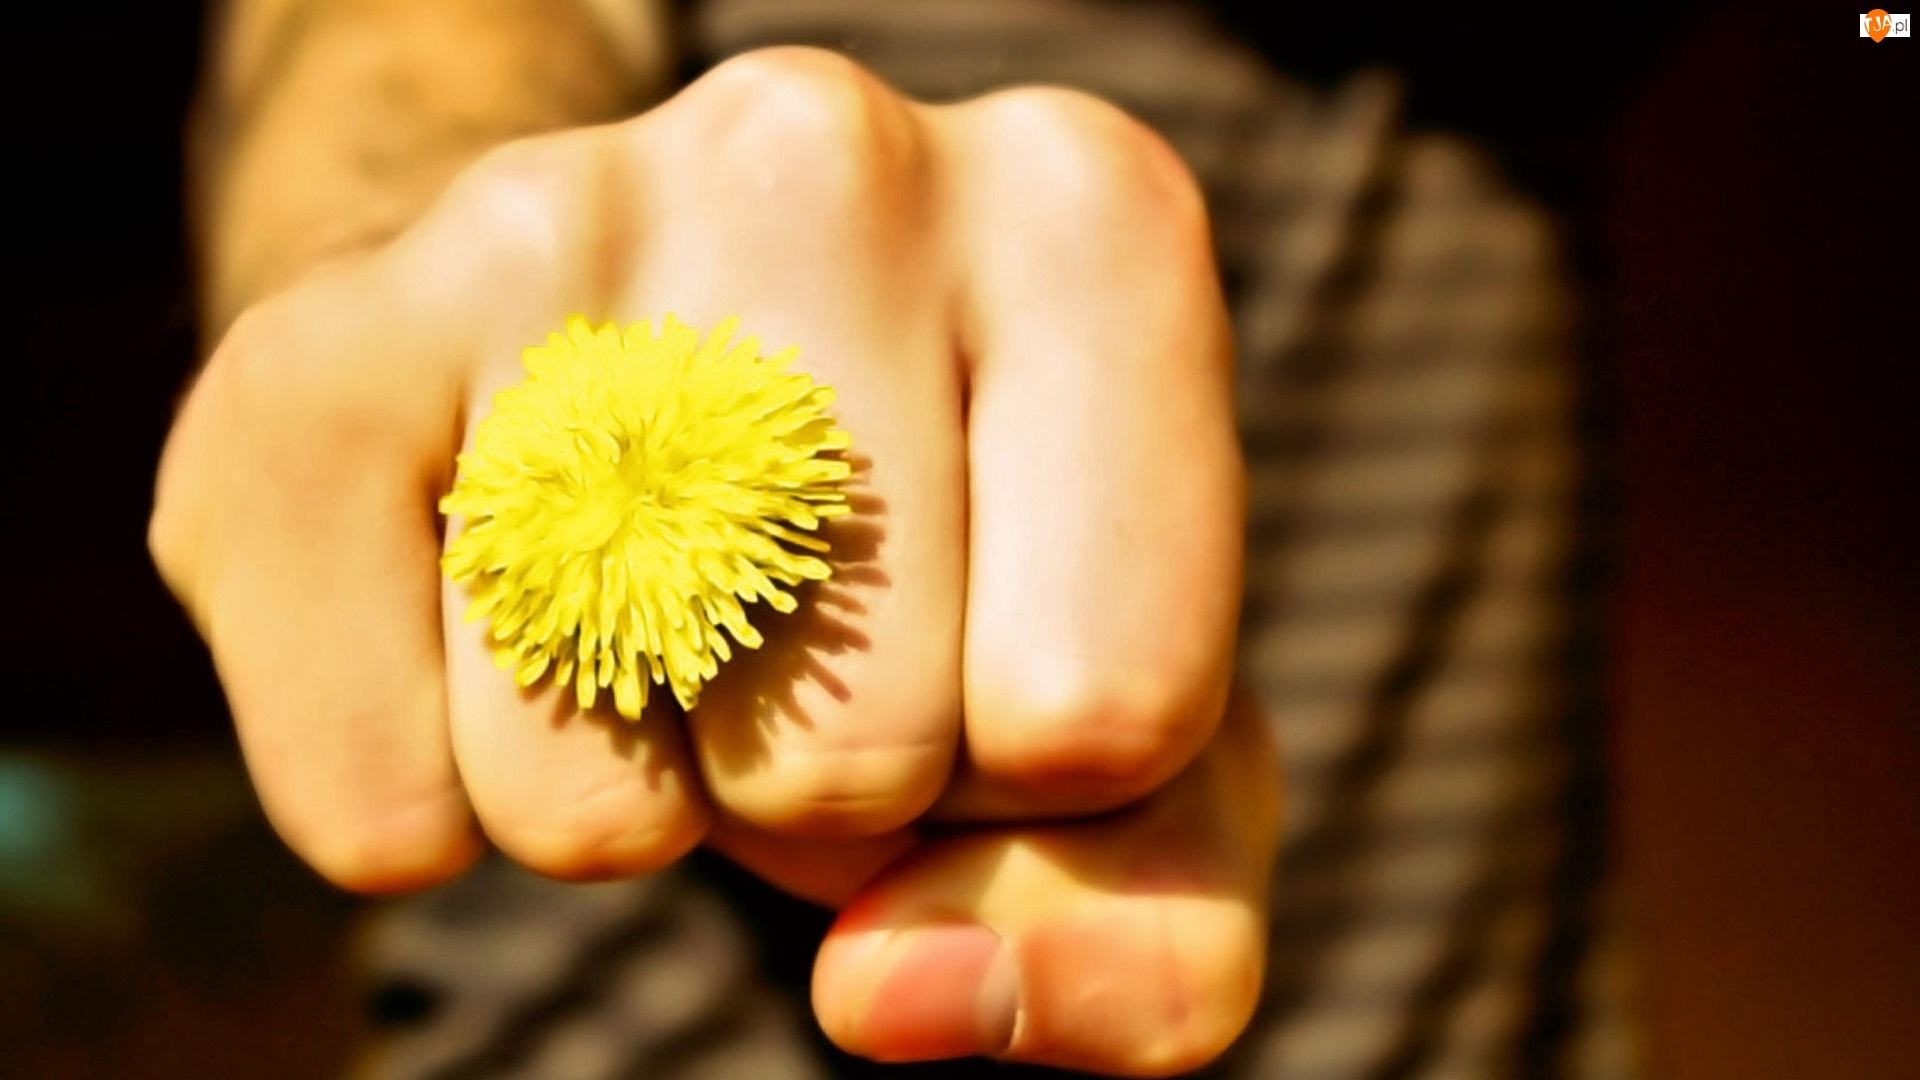 Pięść, Mlecz, Kwiatek, Mniszek